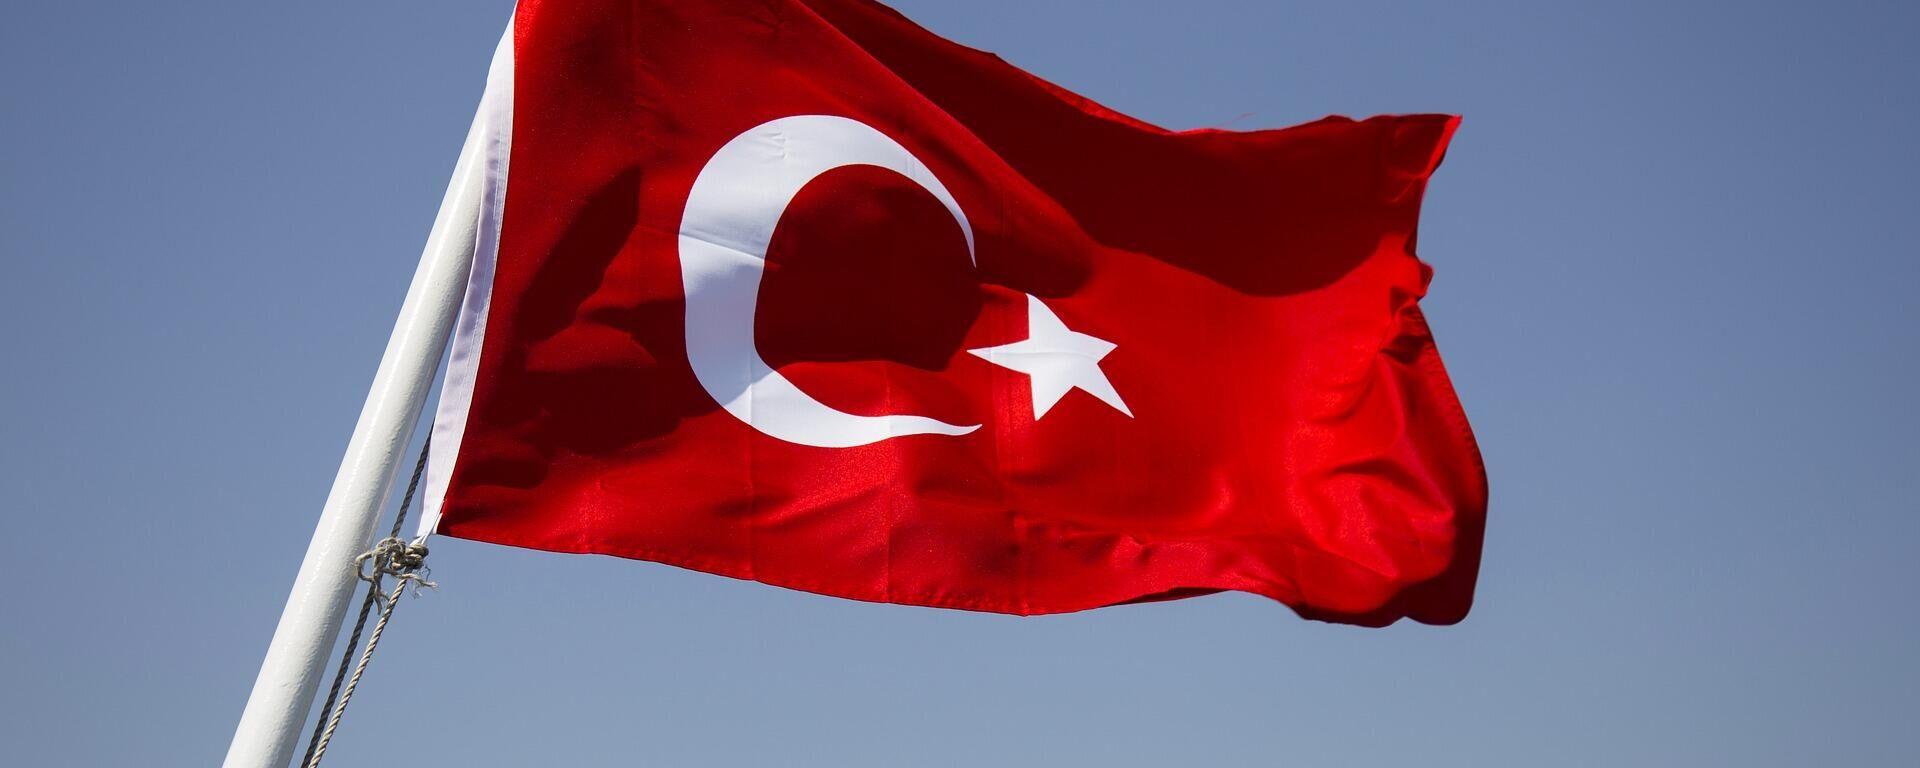 Türkische Flagge, Symbolbild - SNA, 1920, 15.12.2020